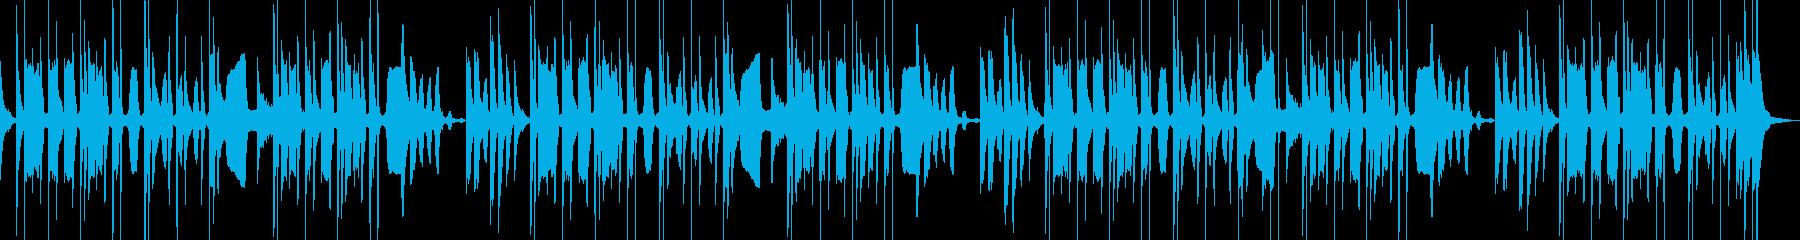 おとぼけ・まぬけBGMの再生済みの波形